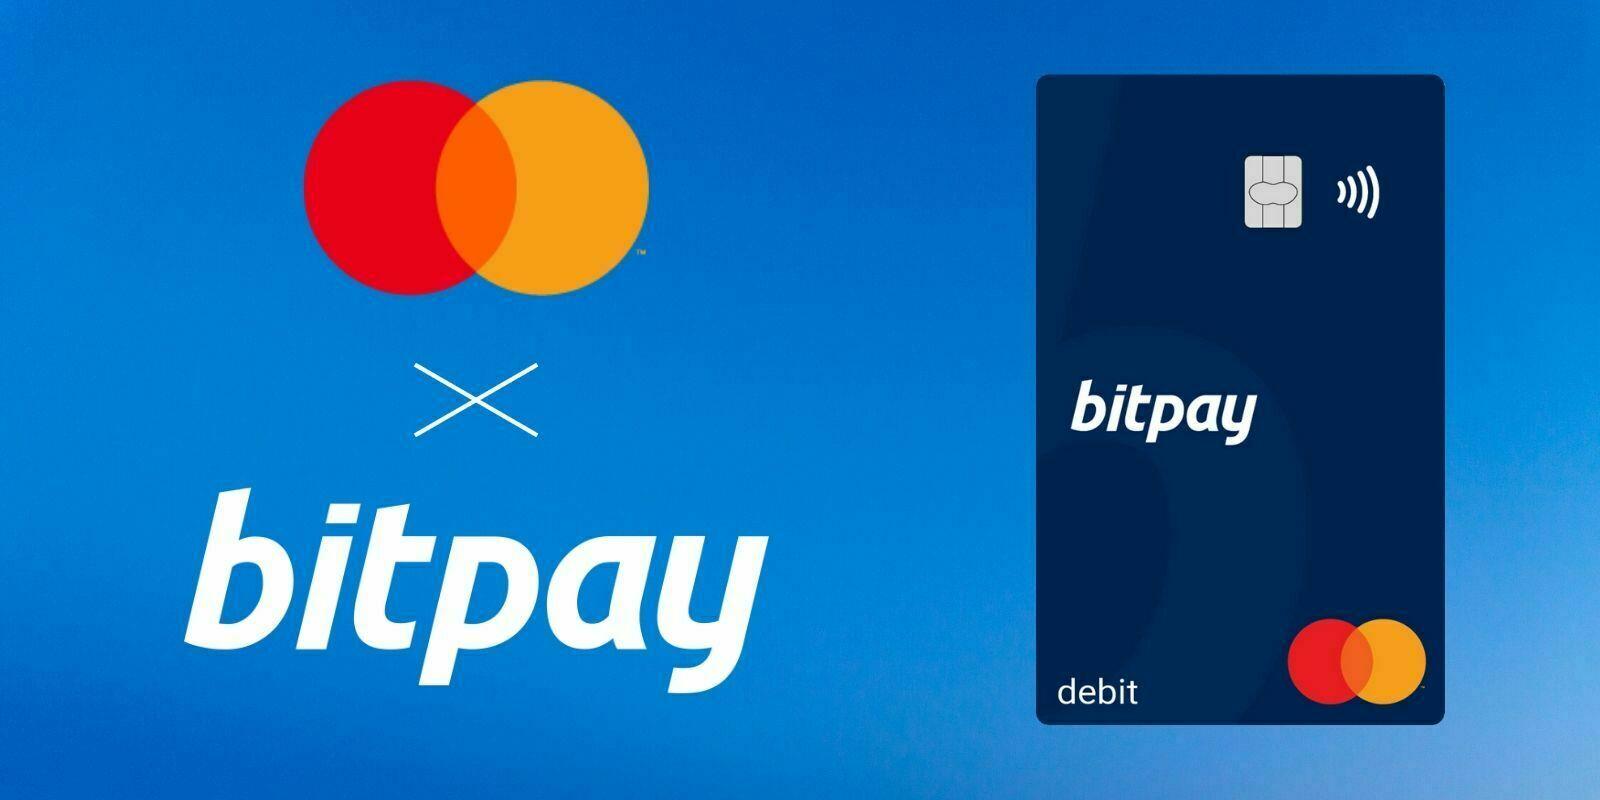 BitPay et MasterCard lancent une carte crypto aux États-Unis